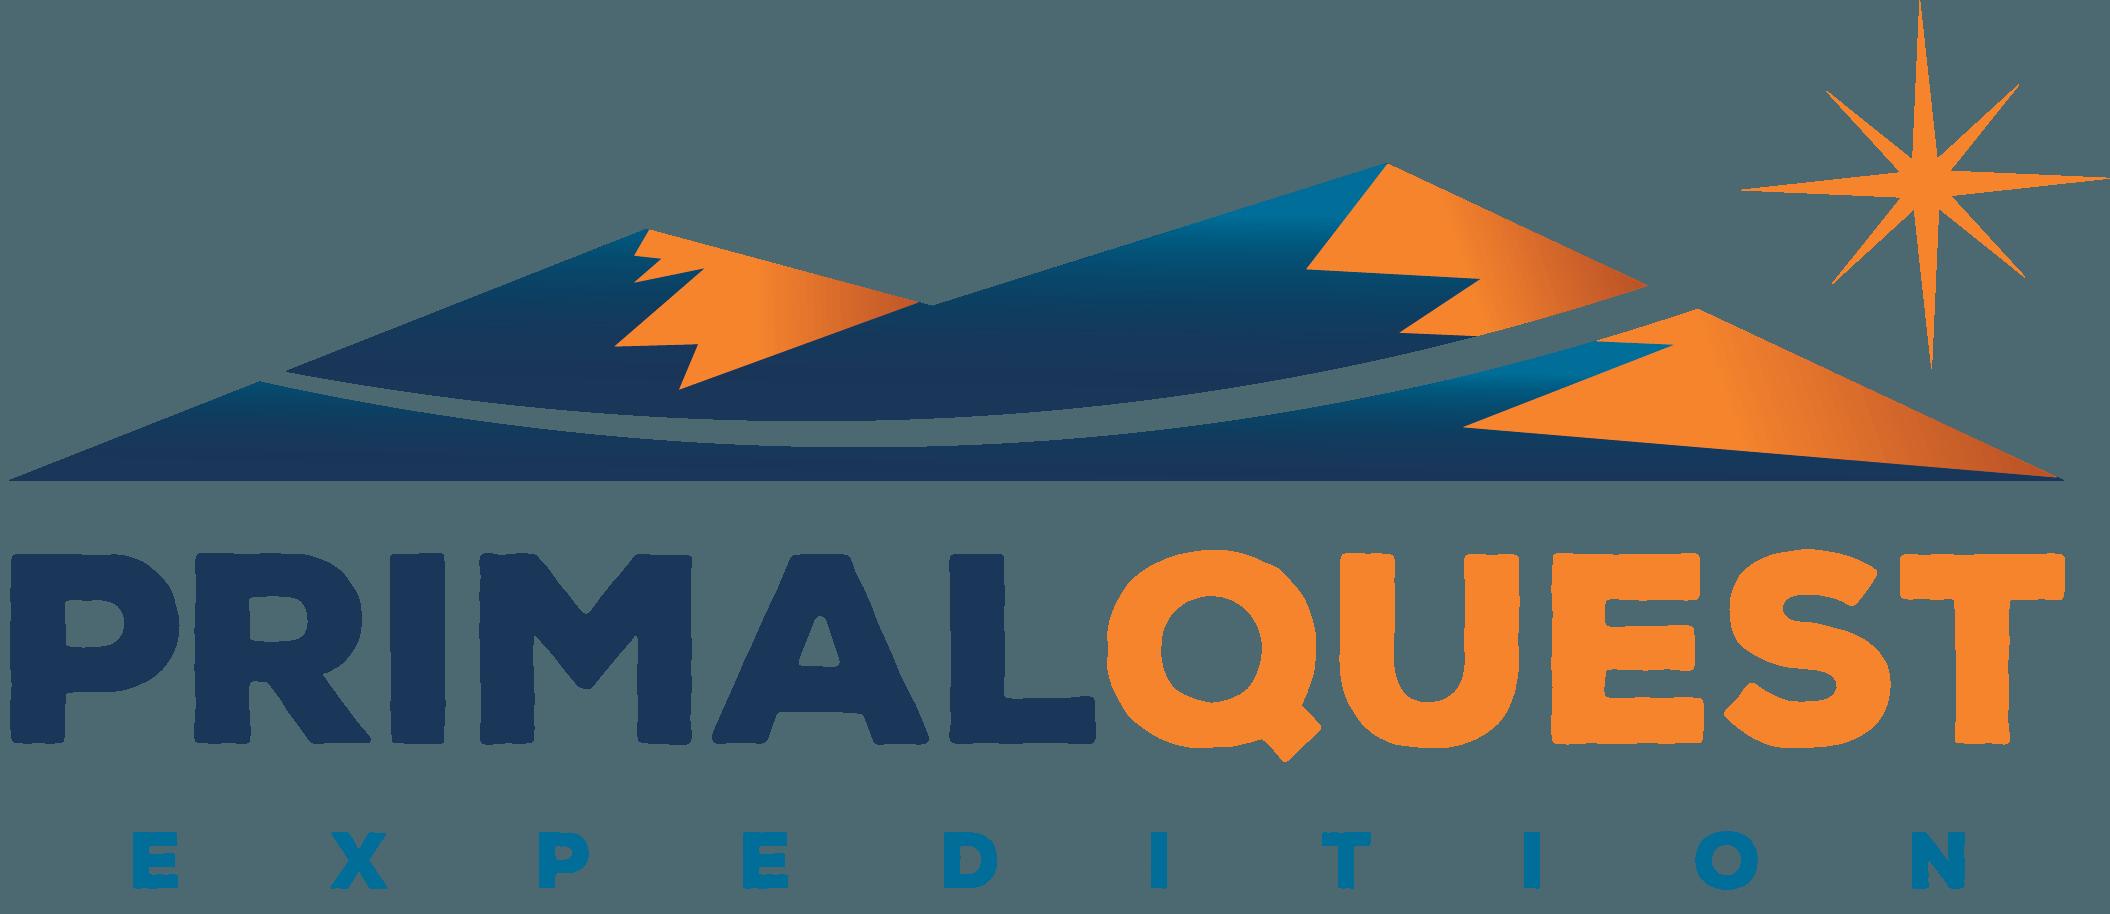 Primal Quest Logo